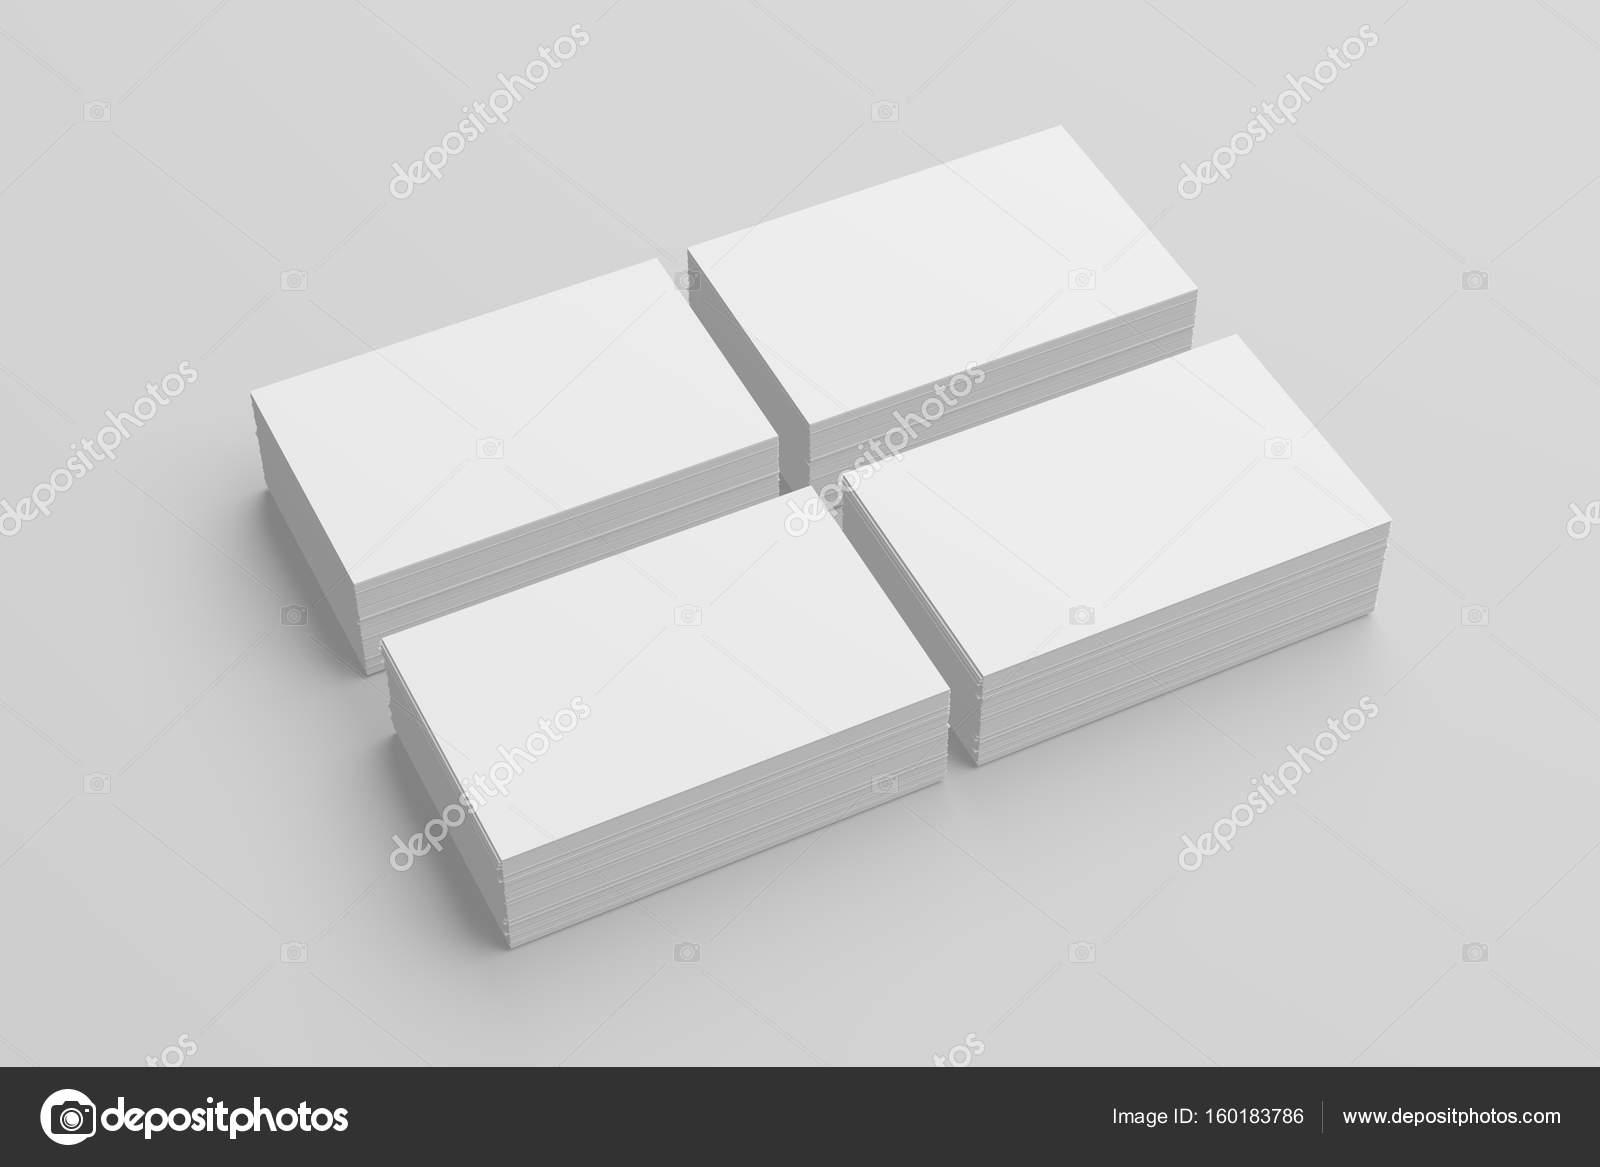 Carte De Visite Maquette Sur Fond Blanc Avec Des Ombres Douces Et Met En Evidence 3D Illustree Image Sarmdy